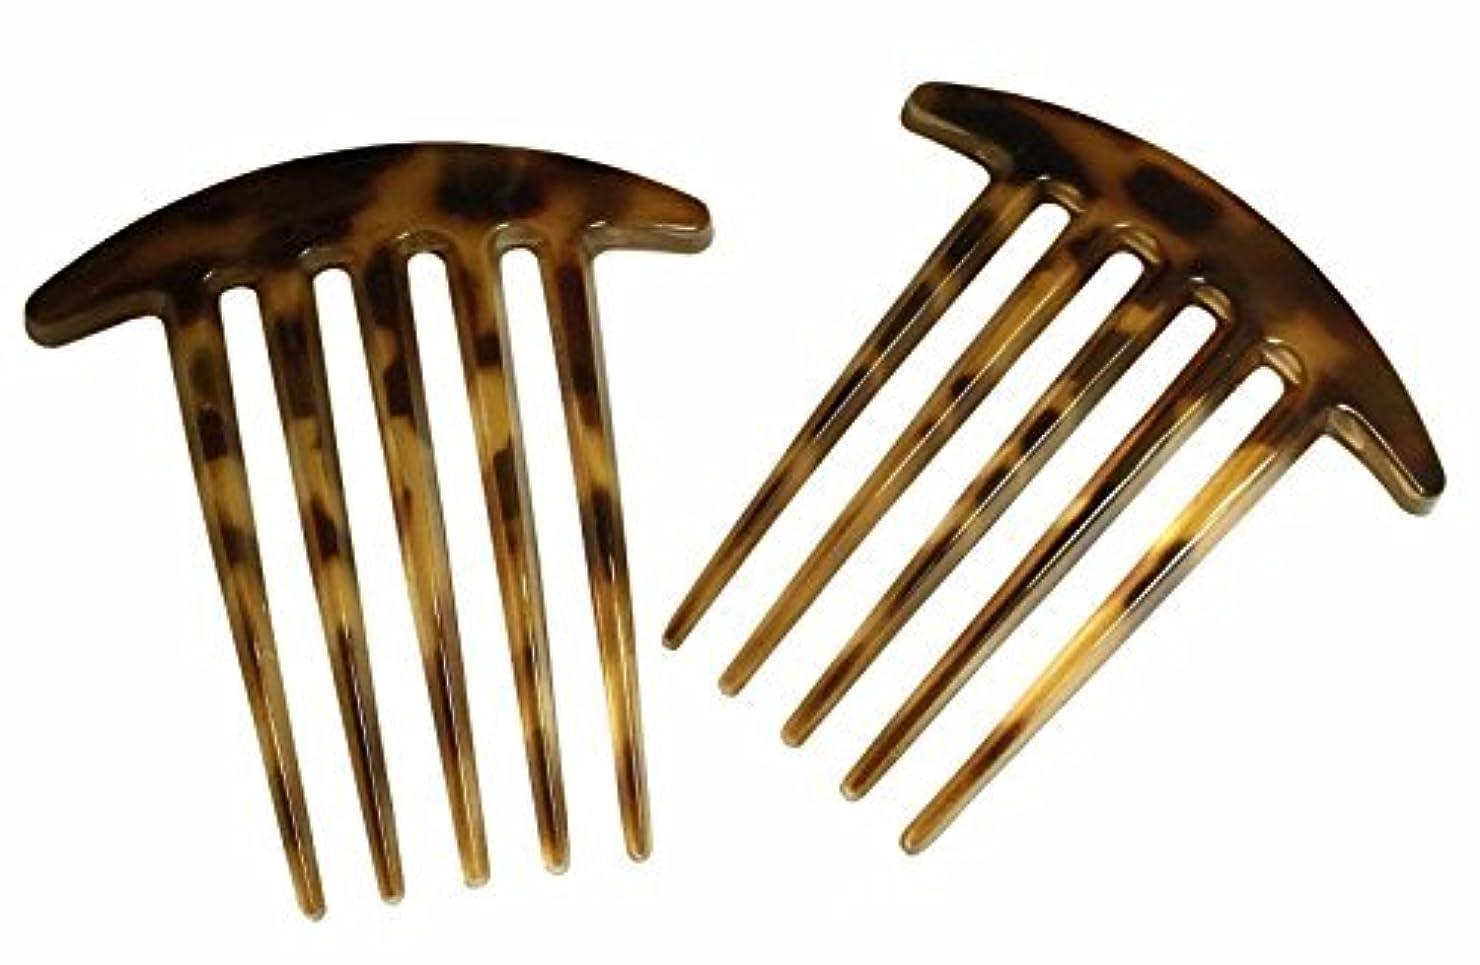 眠り天文学椅子Parcelona French Medium Interlocking 5 Teeth Celluloid Light Tortoise Shell Side Hair Comb Set [並行輸入品]